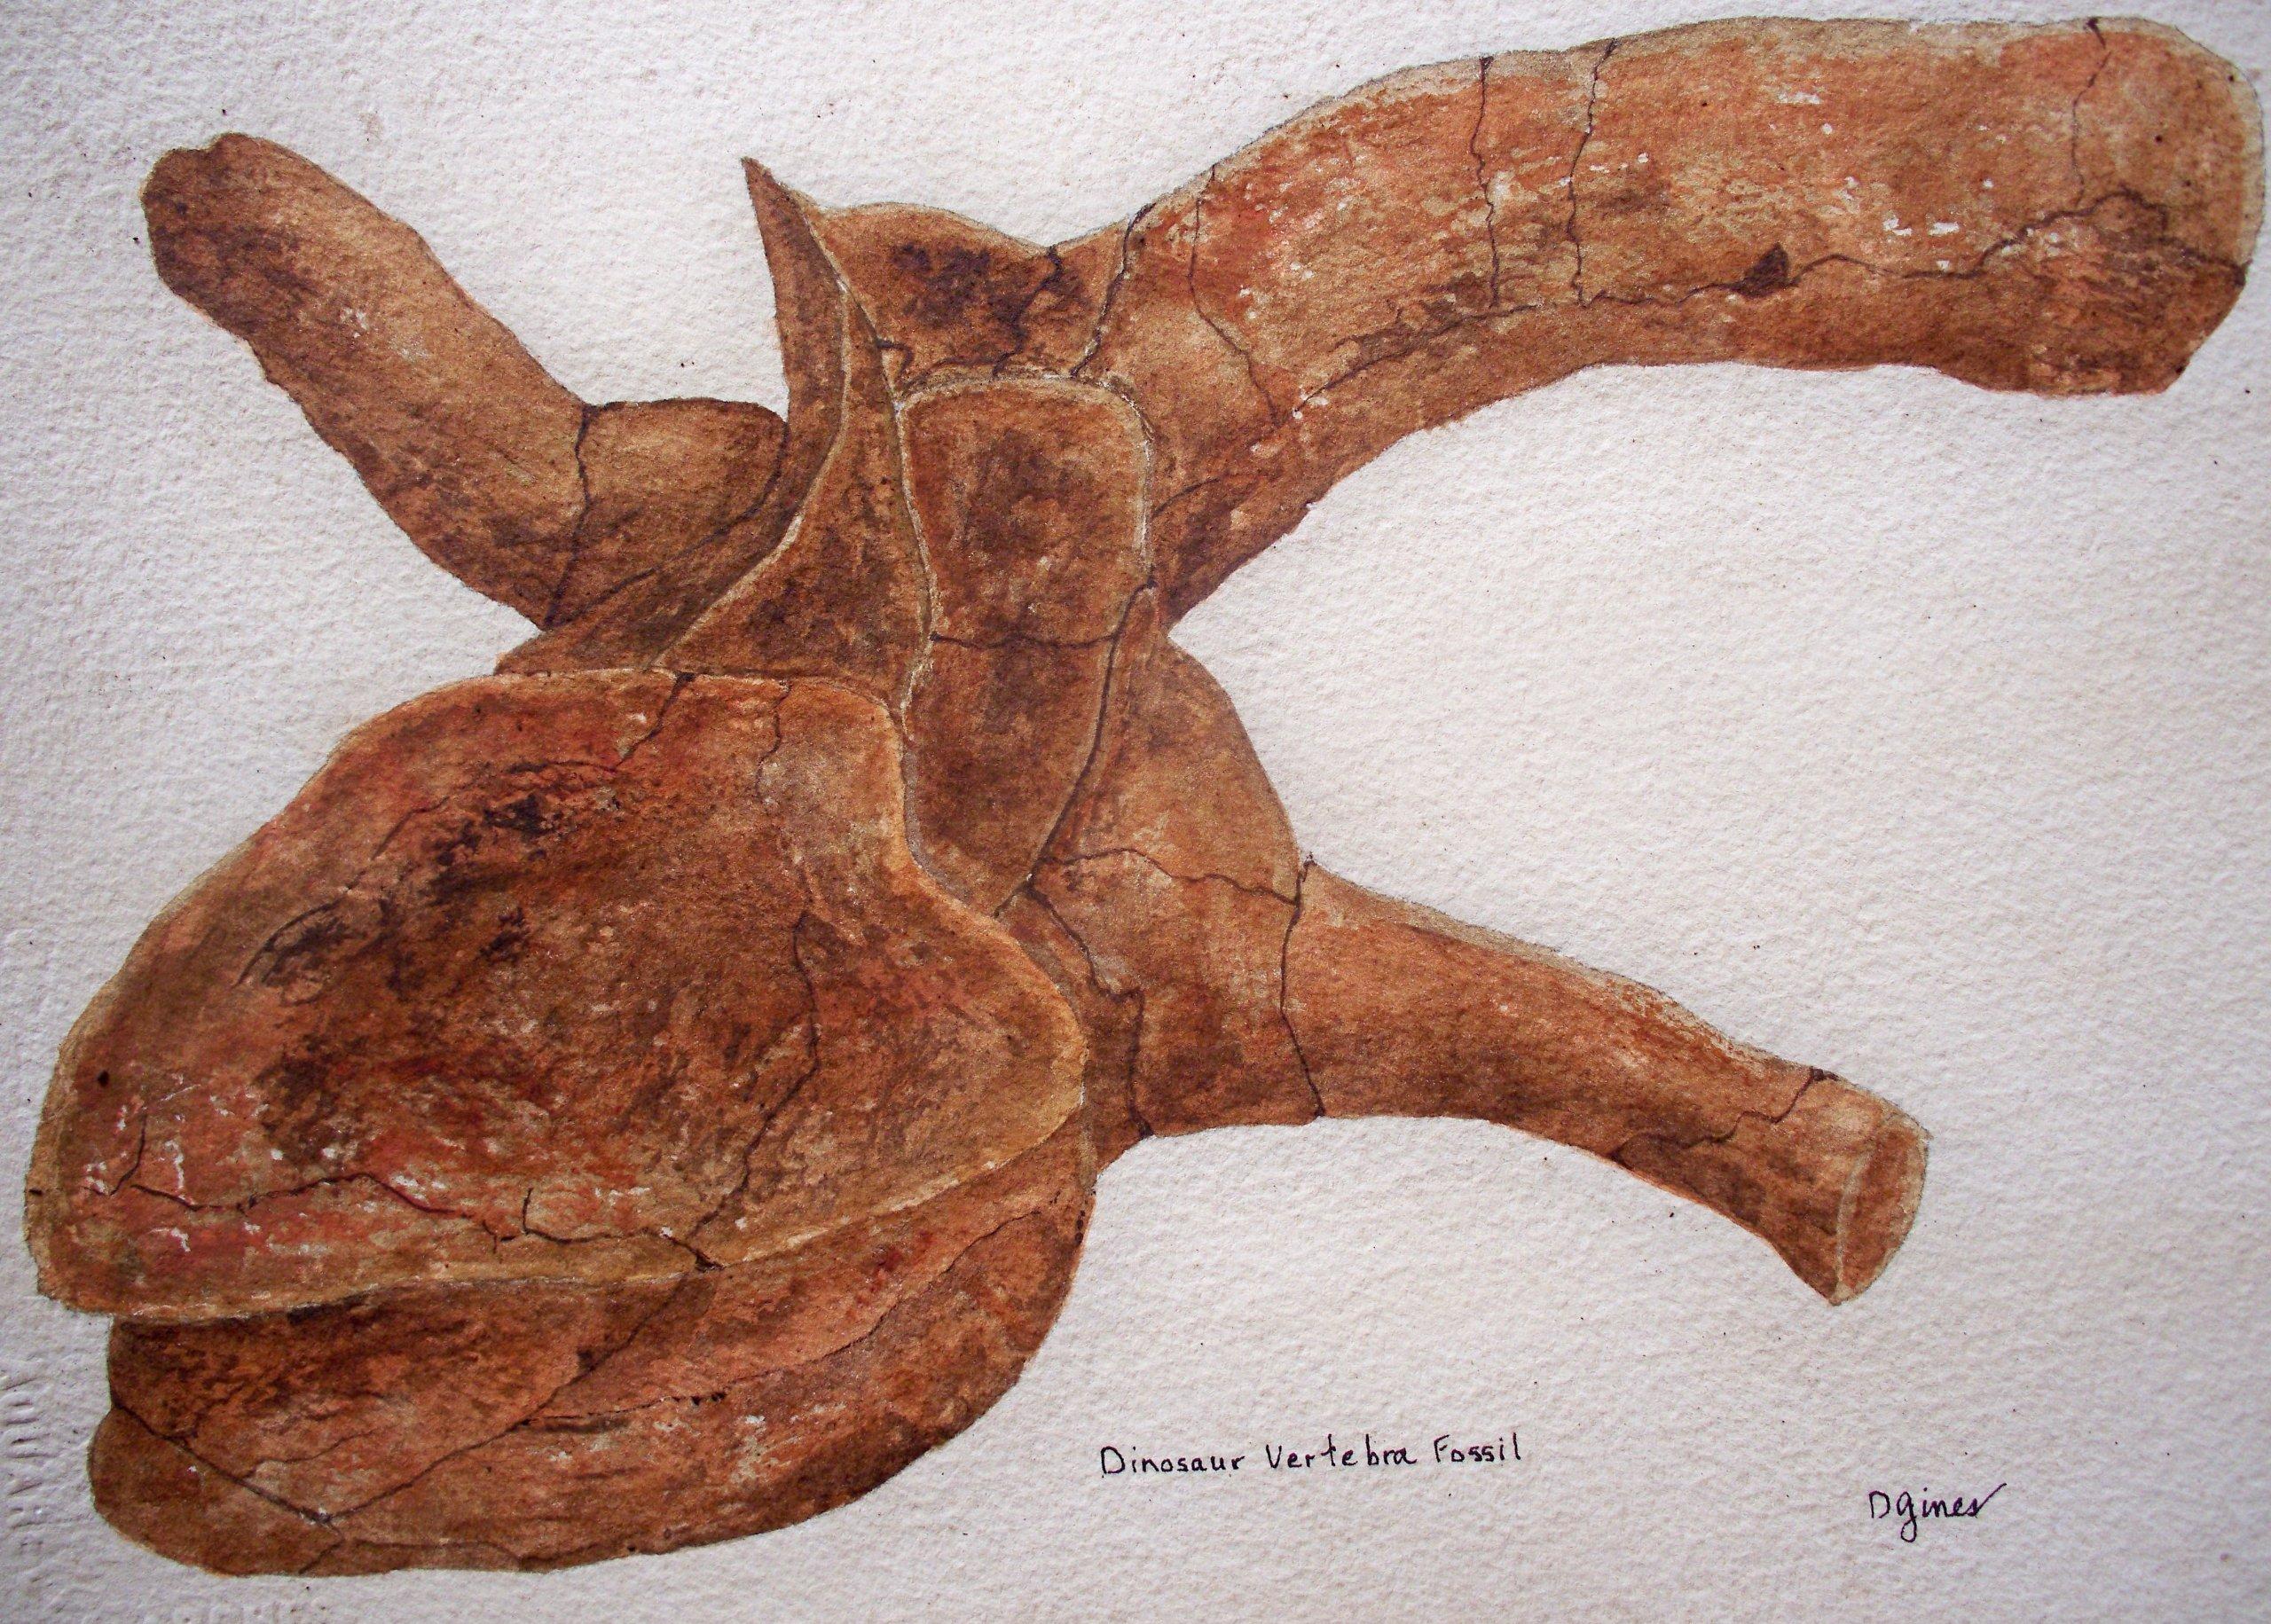 Dinosaur Vertebra Fossil by